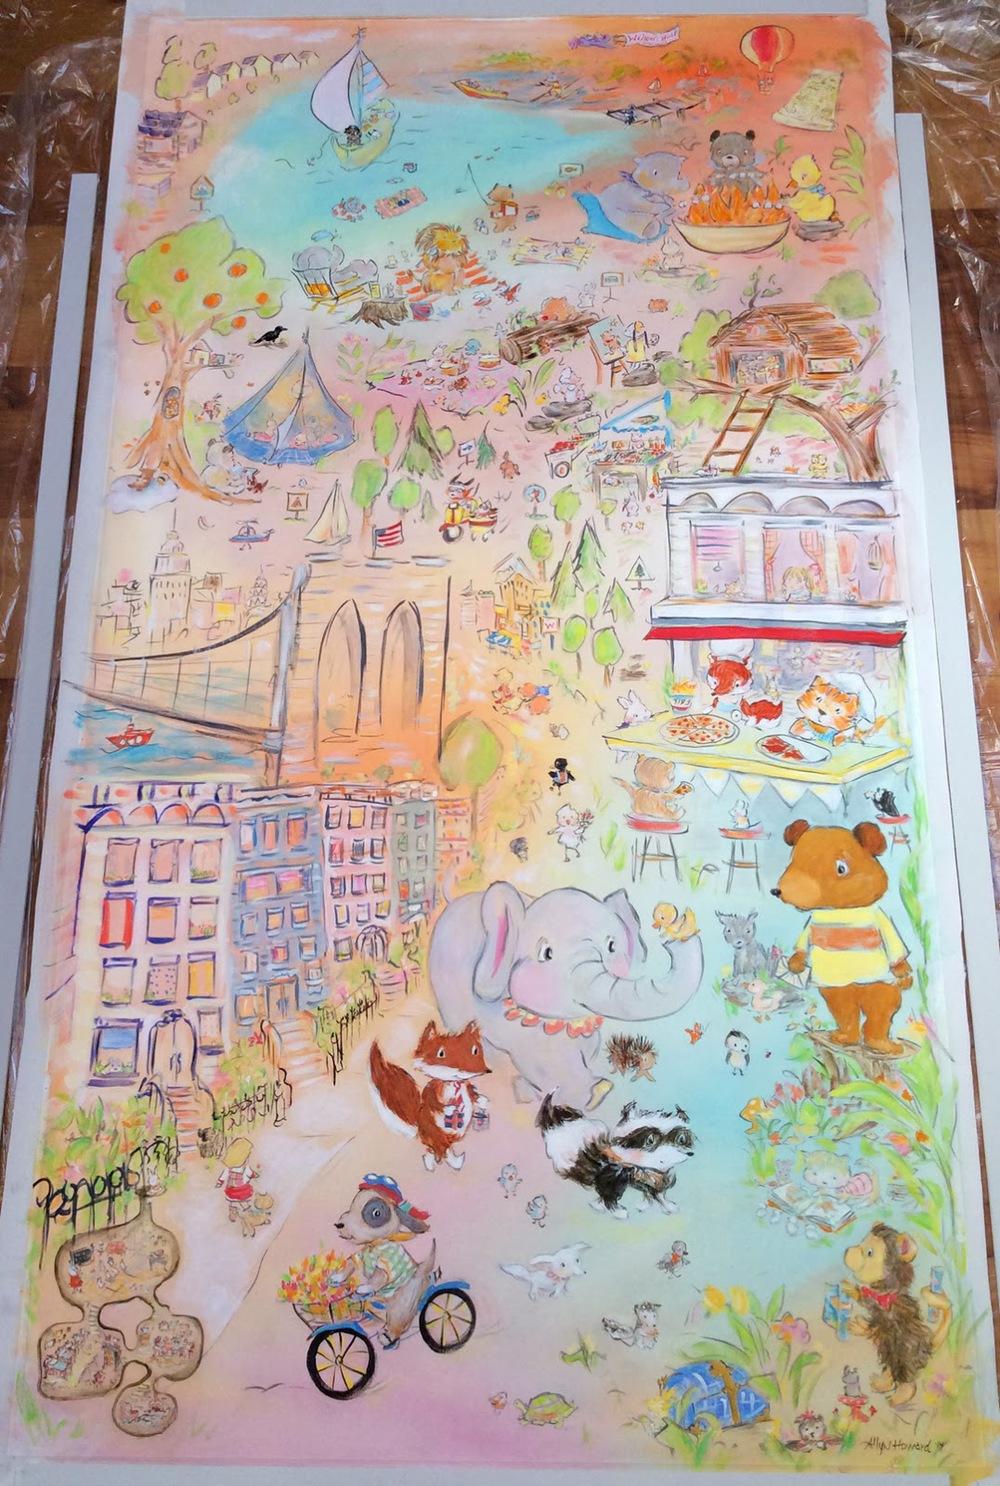 Custom painting kids_AllynHoward.jpg